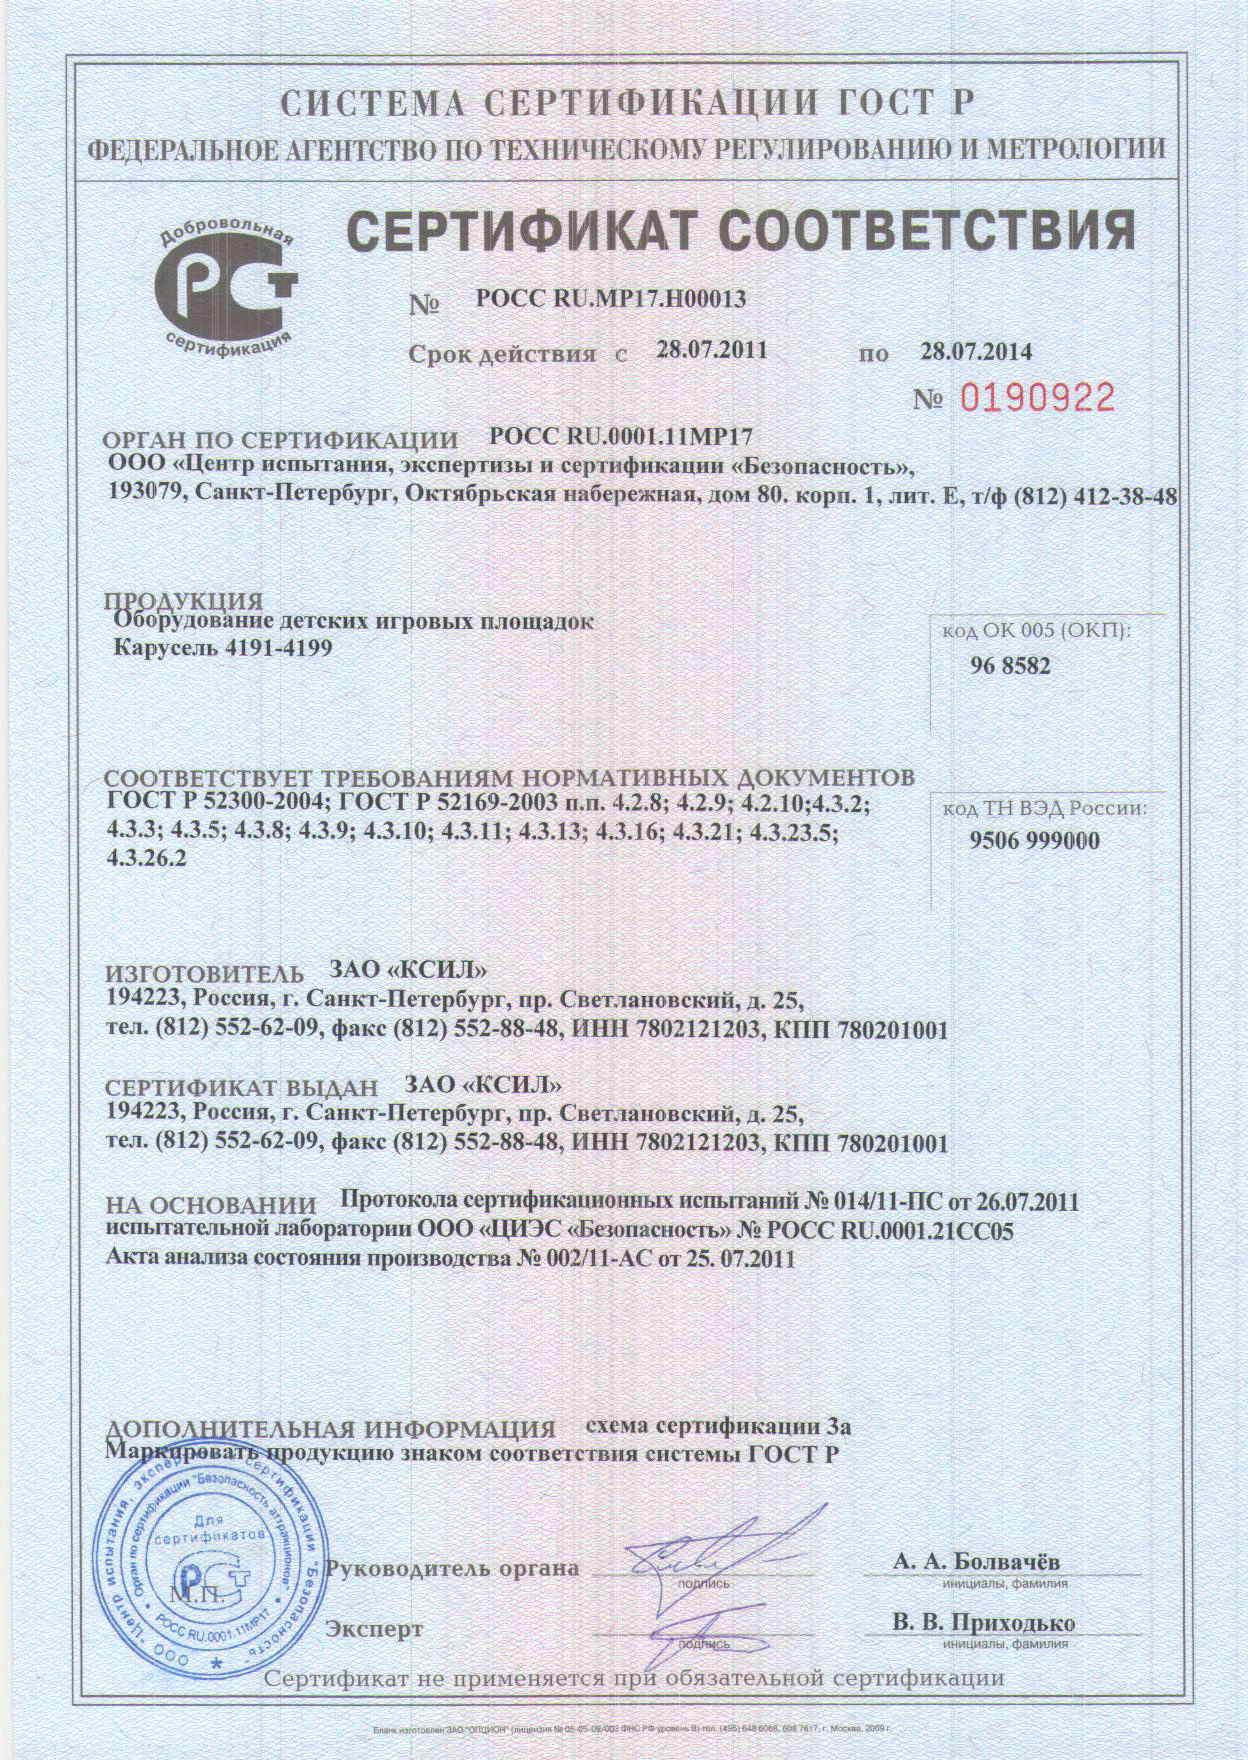 Сертификат 0190922 карусели